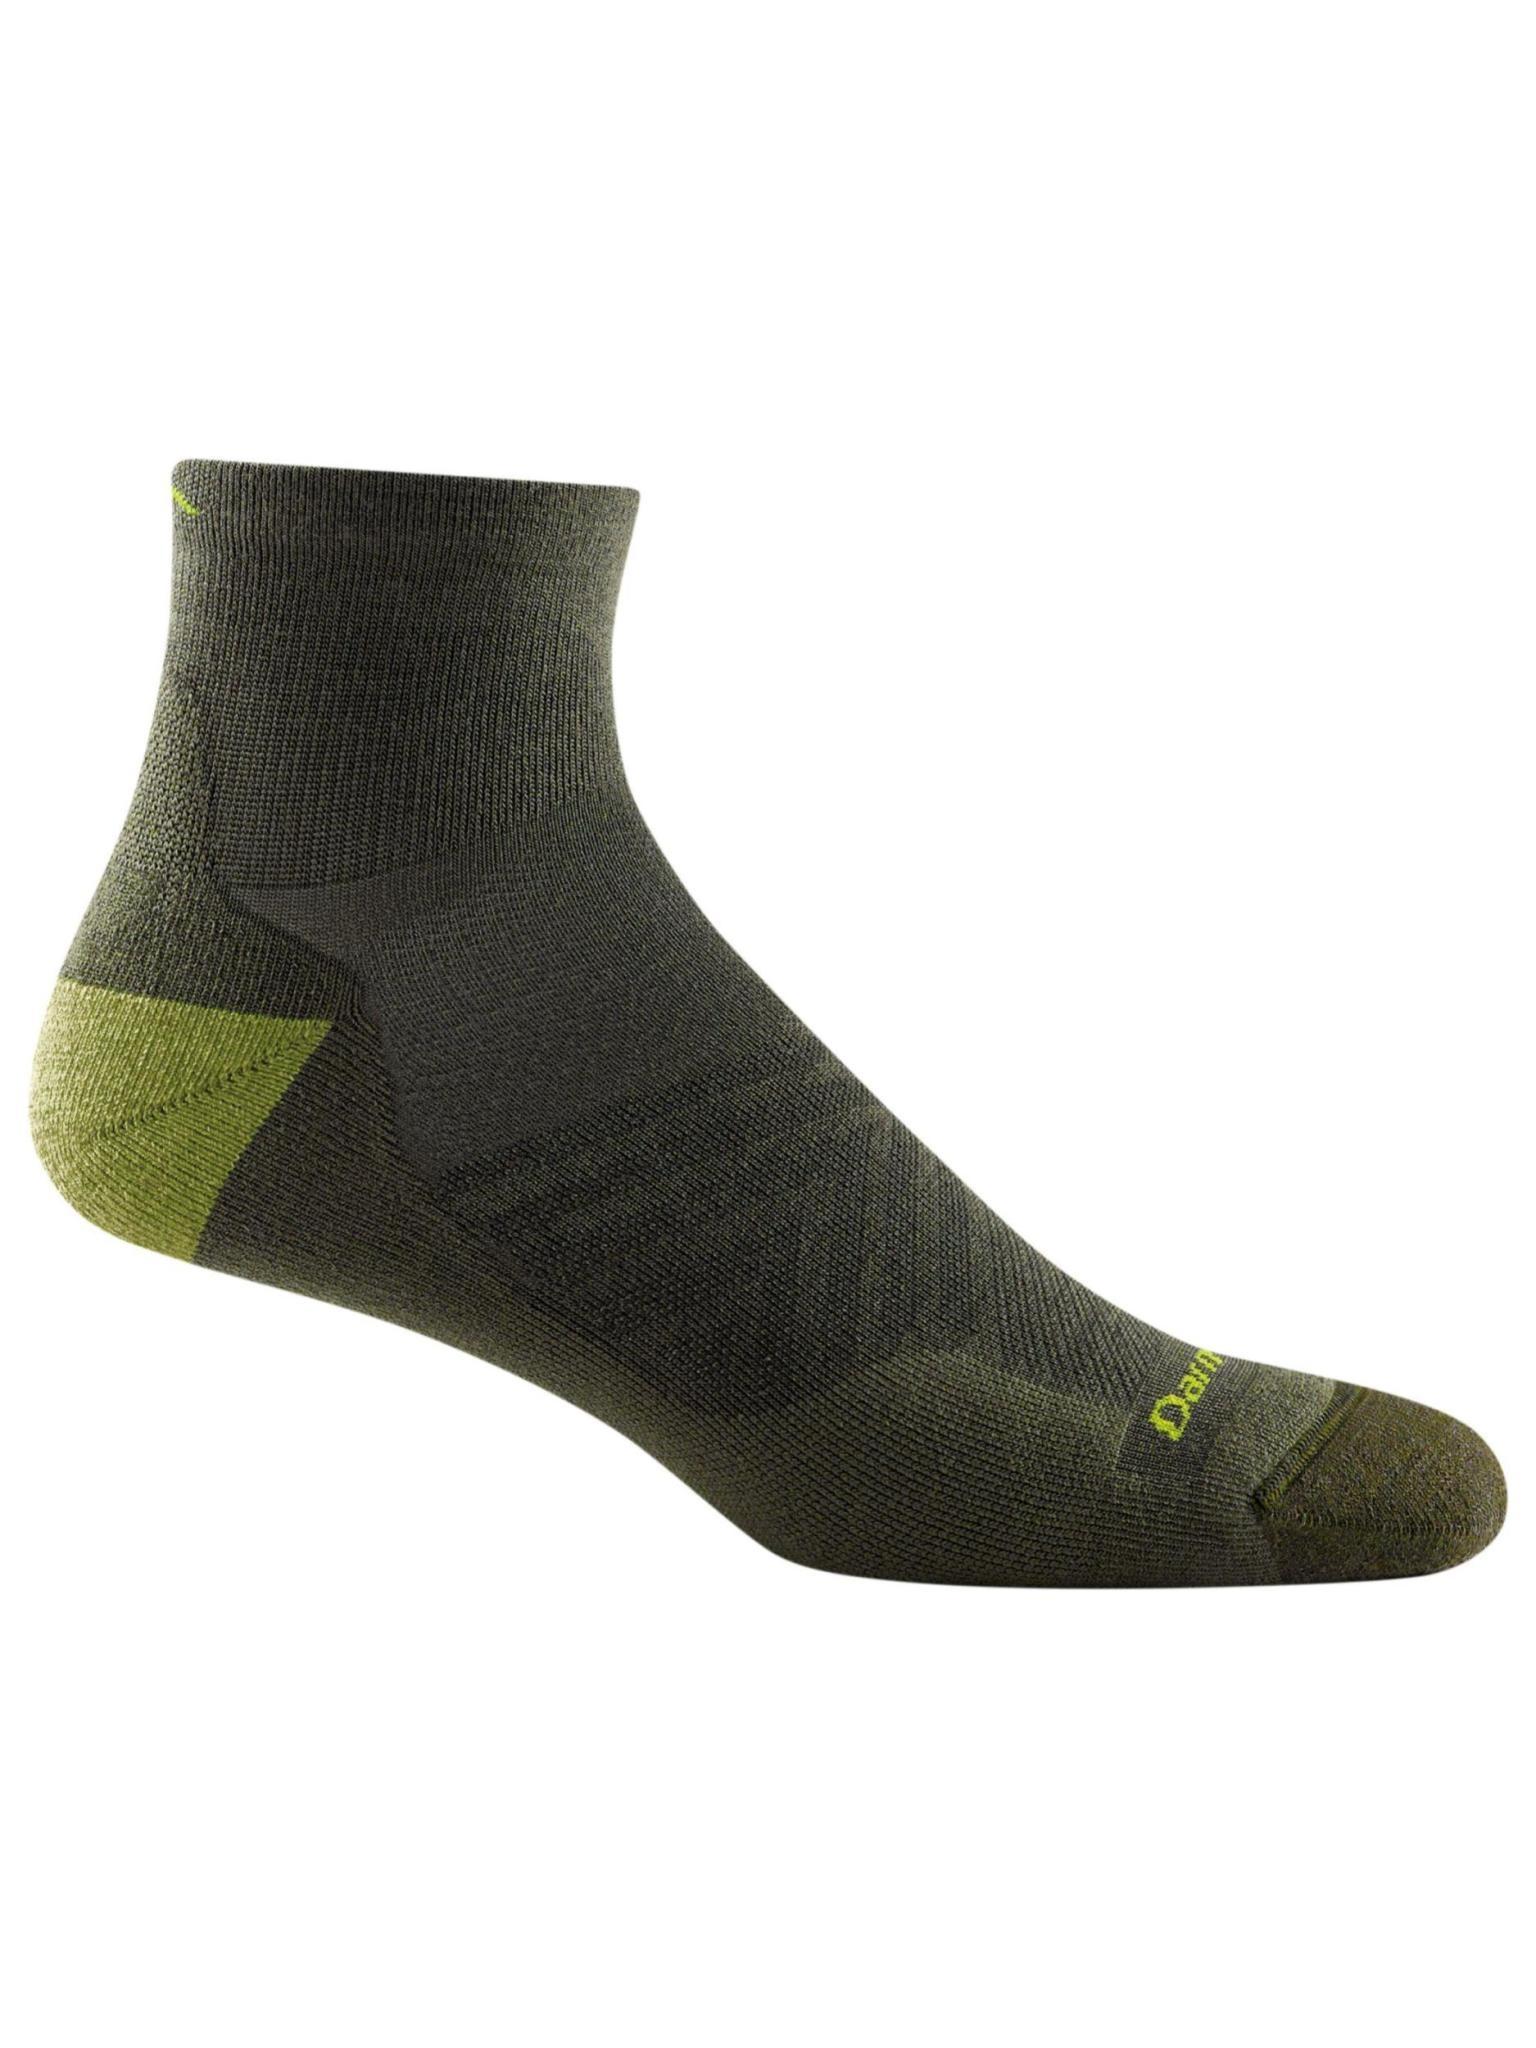 Darn Tough Run Quarter Ultra-Lightweight Sock